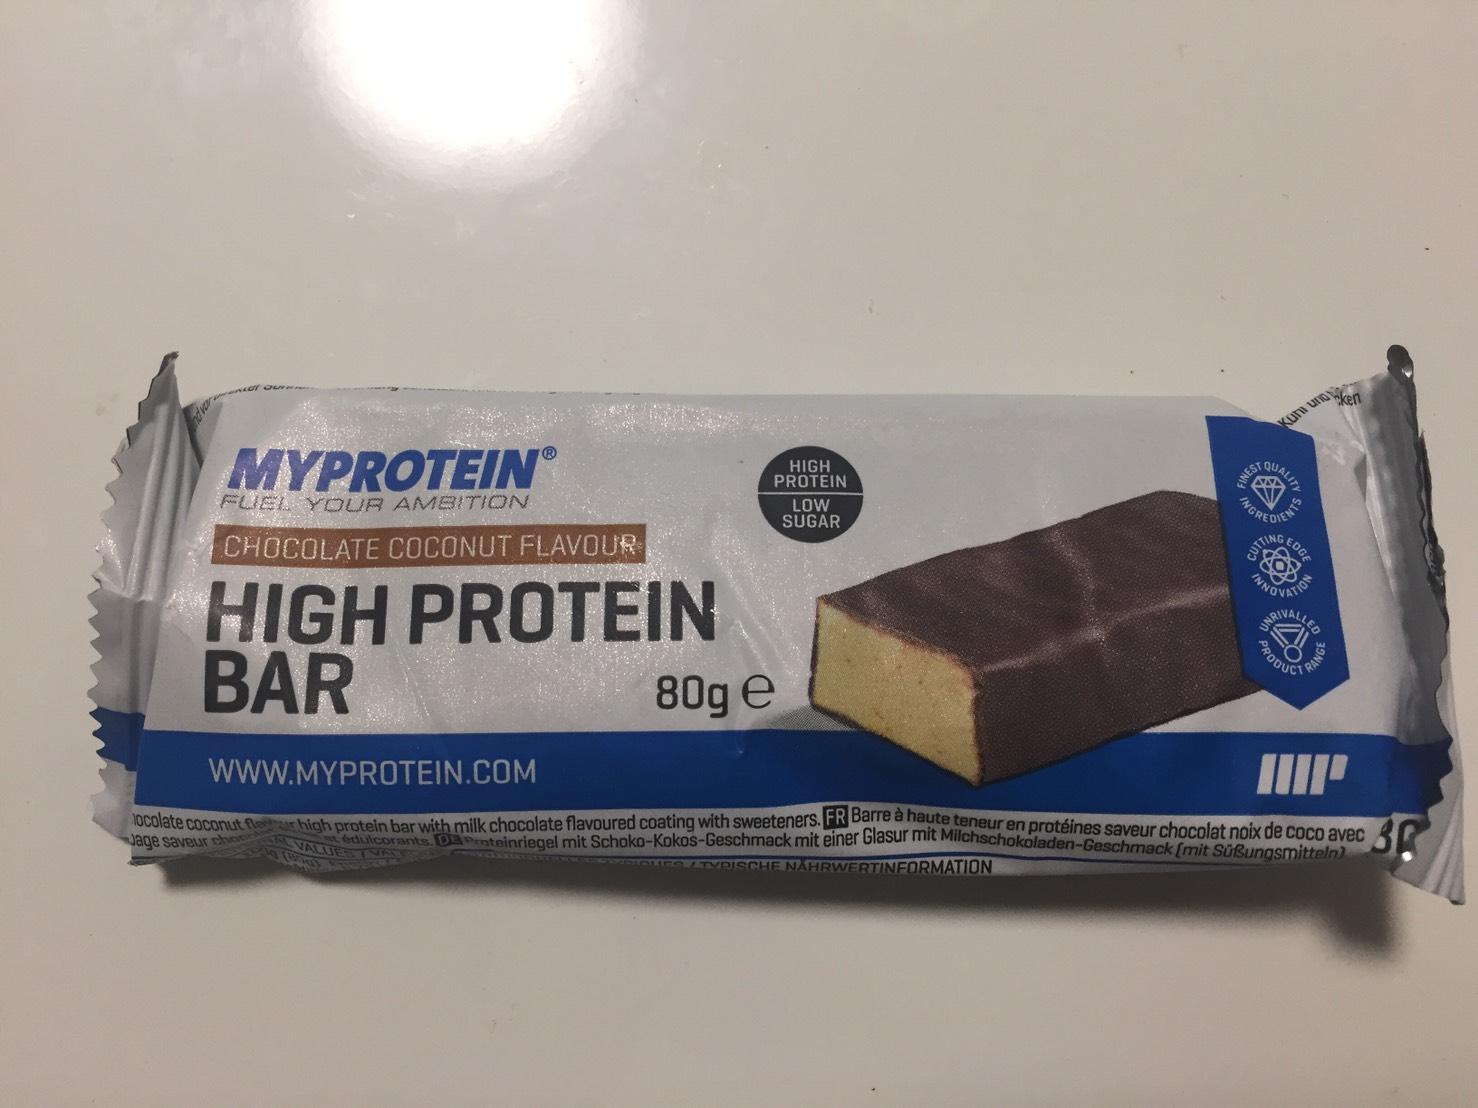 ハイプロテインバー(High Protein Bar)「CHOCOLATE COCONUT FLAVOUR(チョコレートココナッツ味)」の成分表